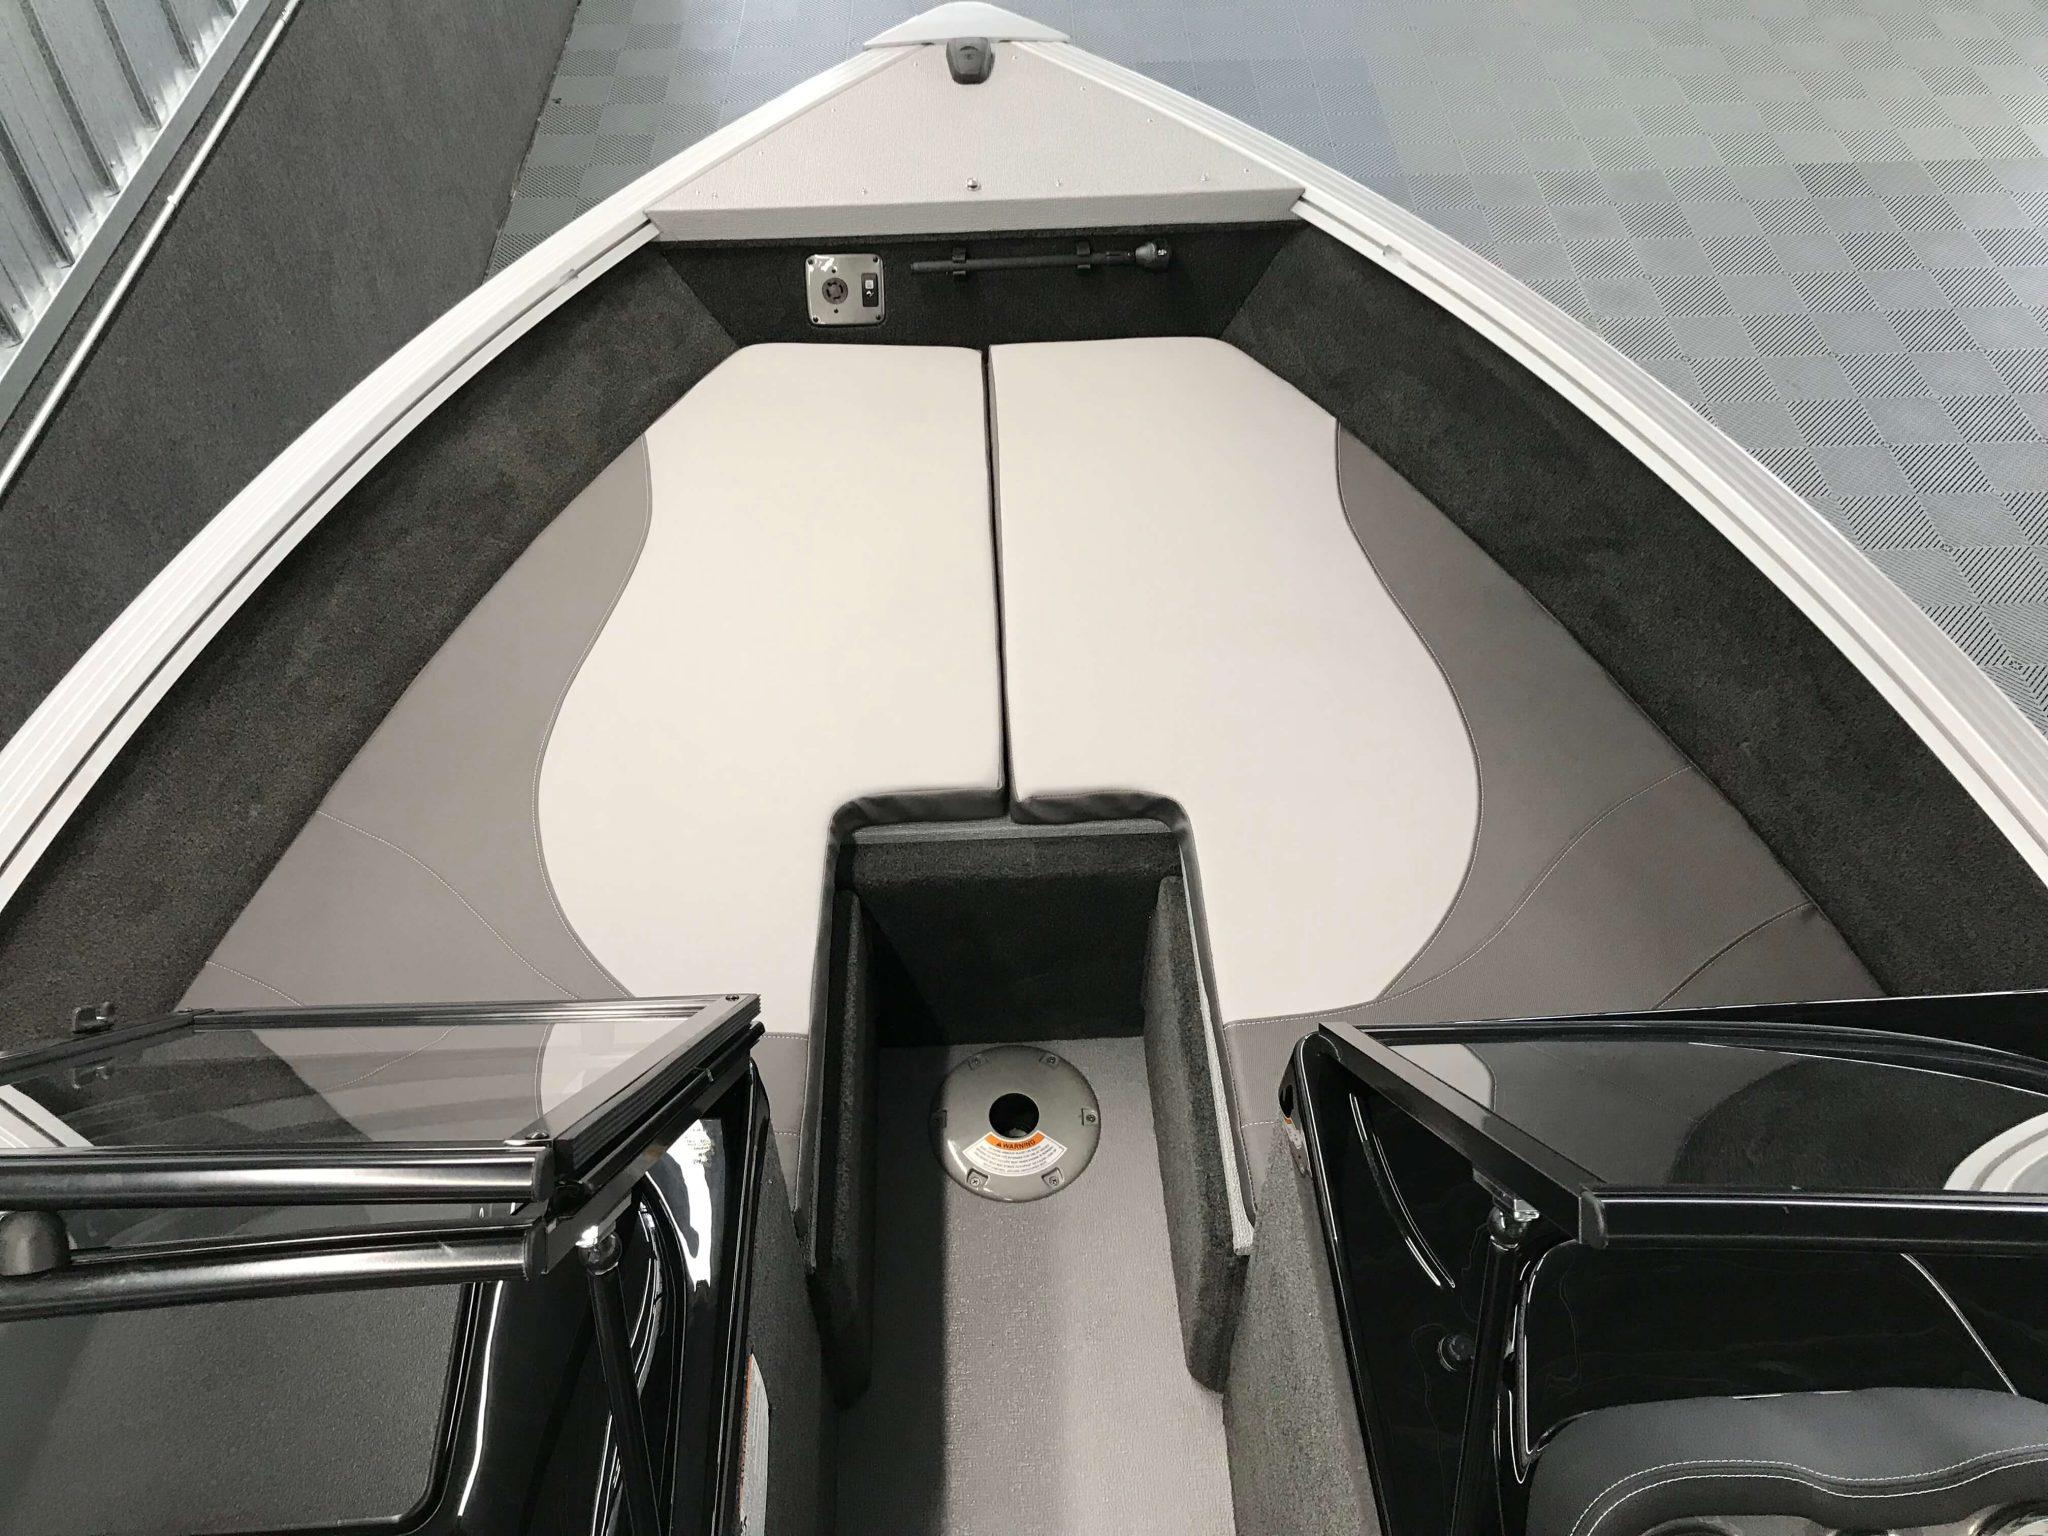 2019 Smoker Craft 182 Ultima Bow Seat Pads 1